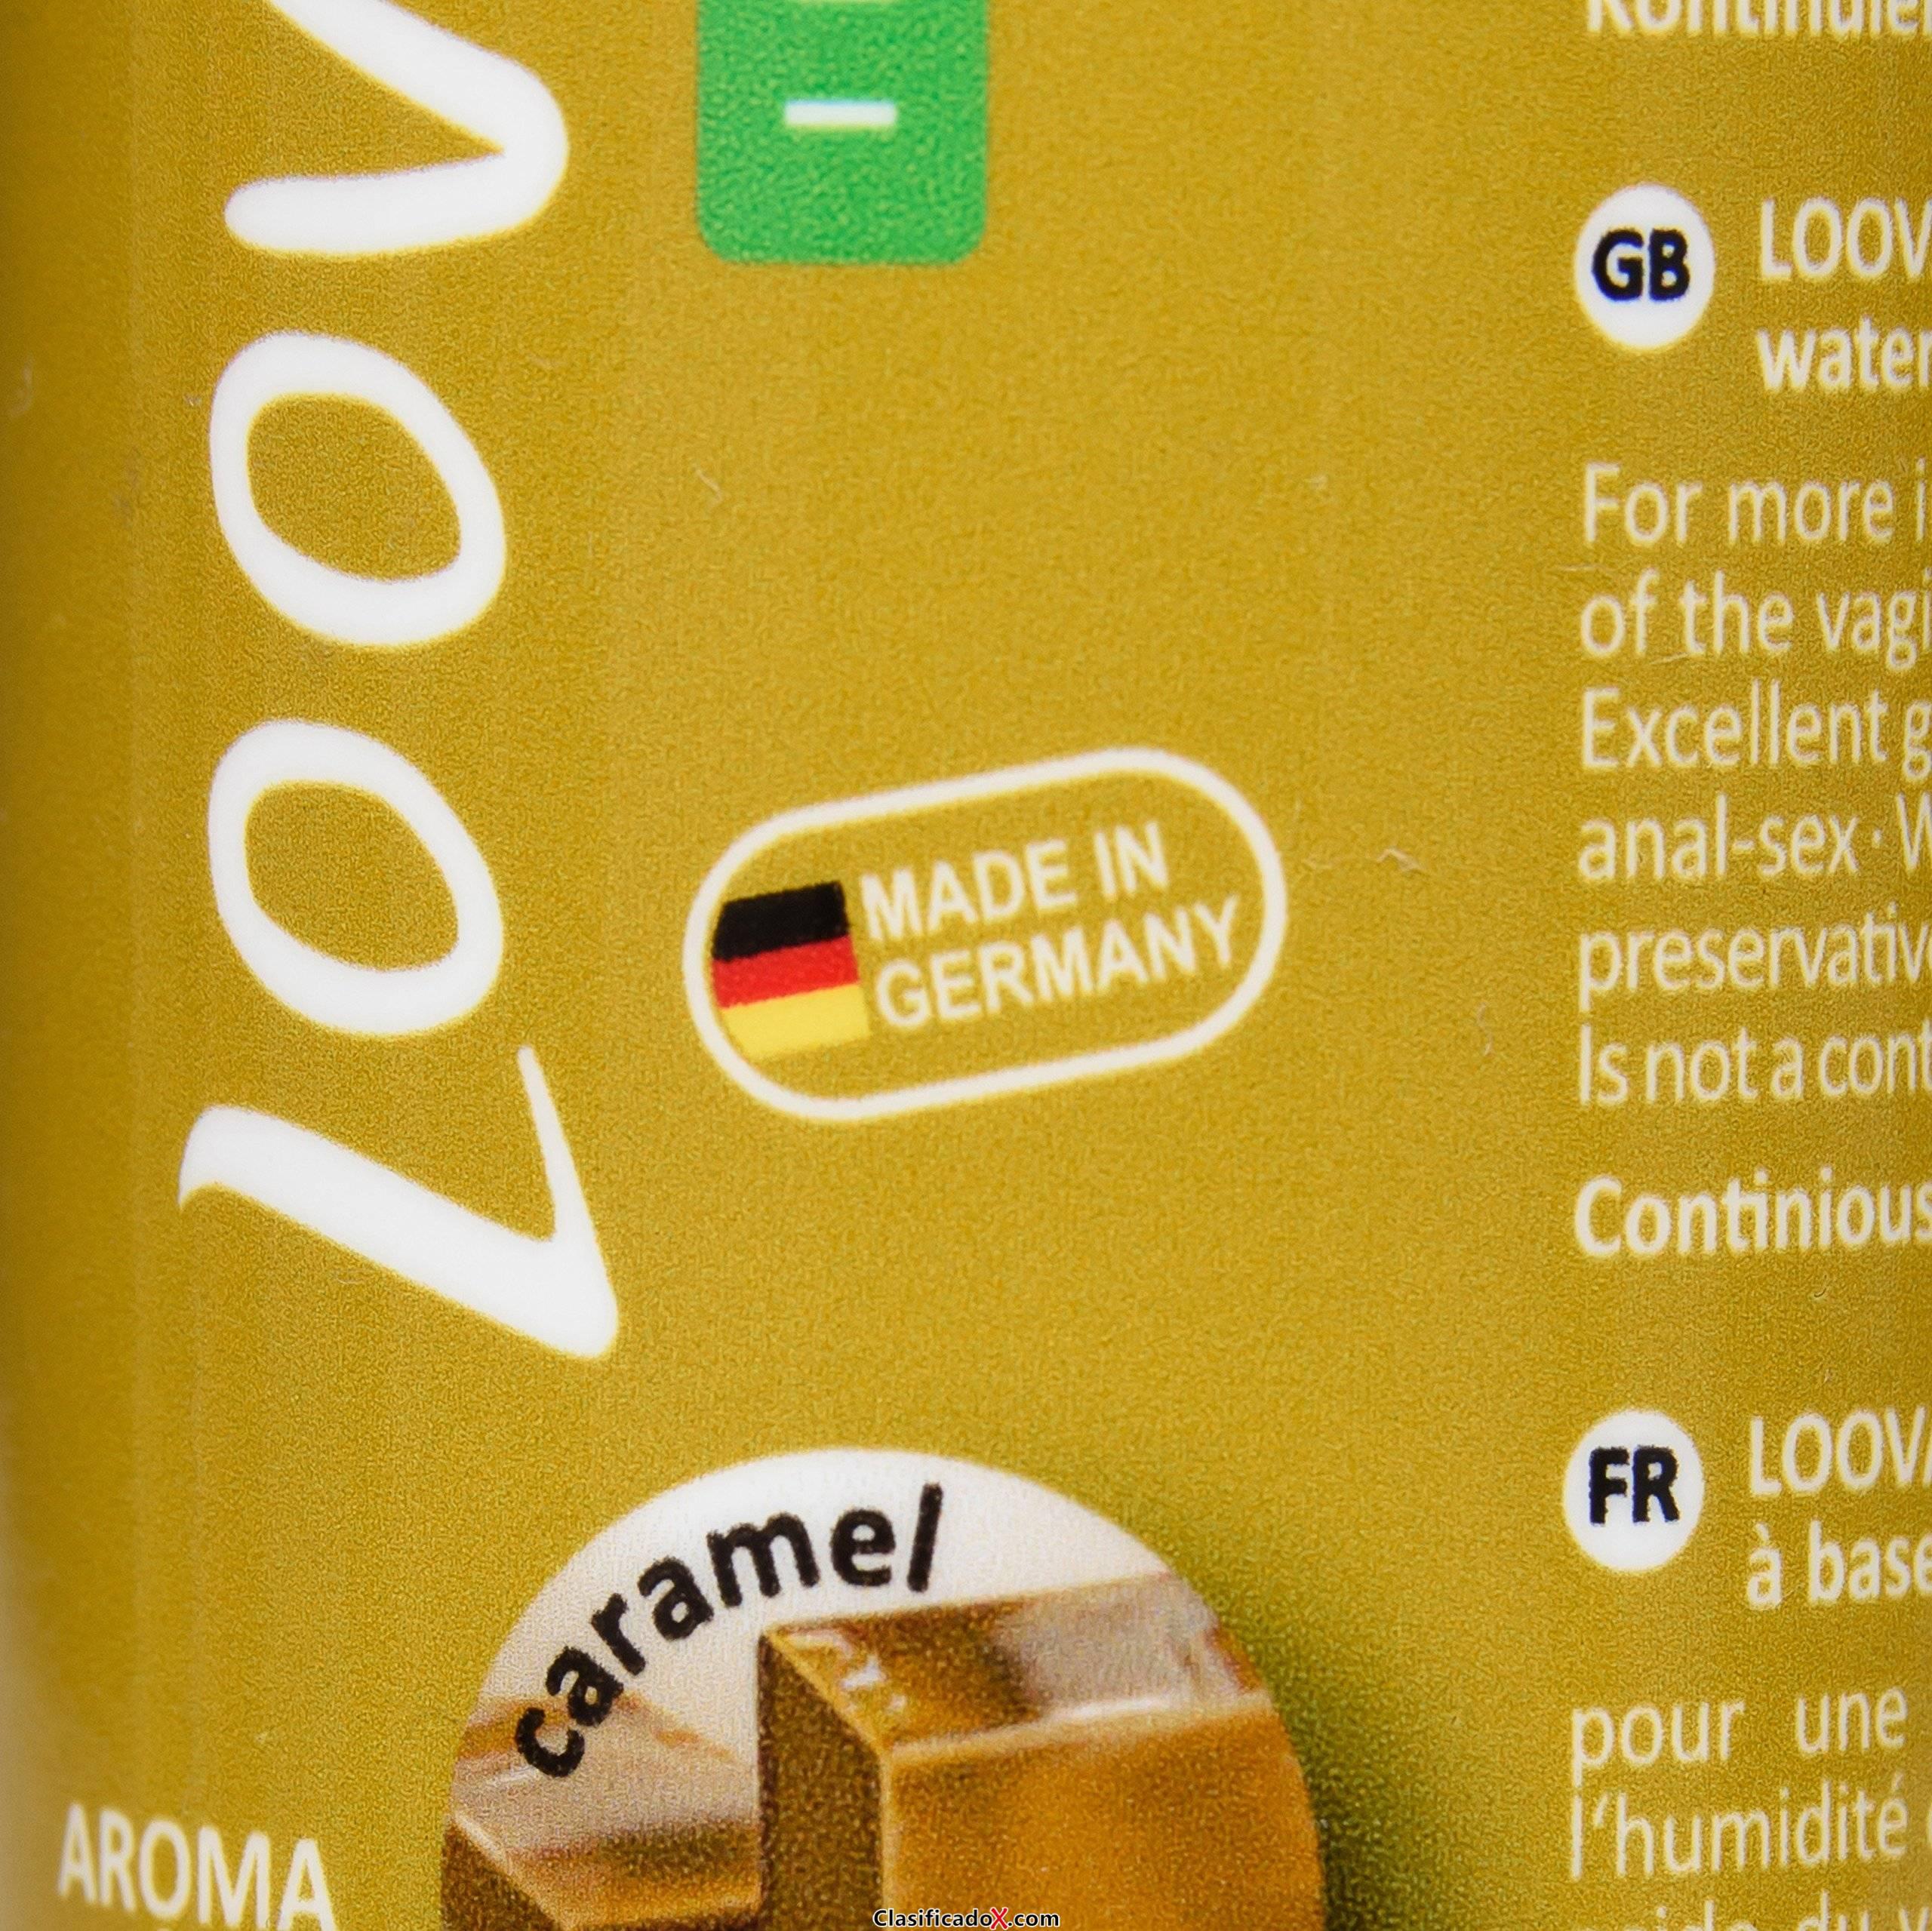 Loovara gel lubricante 100ml en base agua de aloe vera con aroma natural de caramelo. Envíos a Cádiz